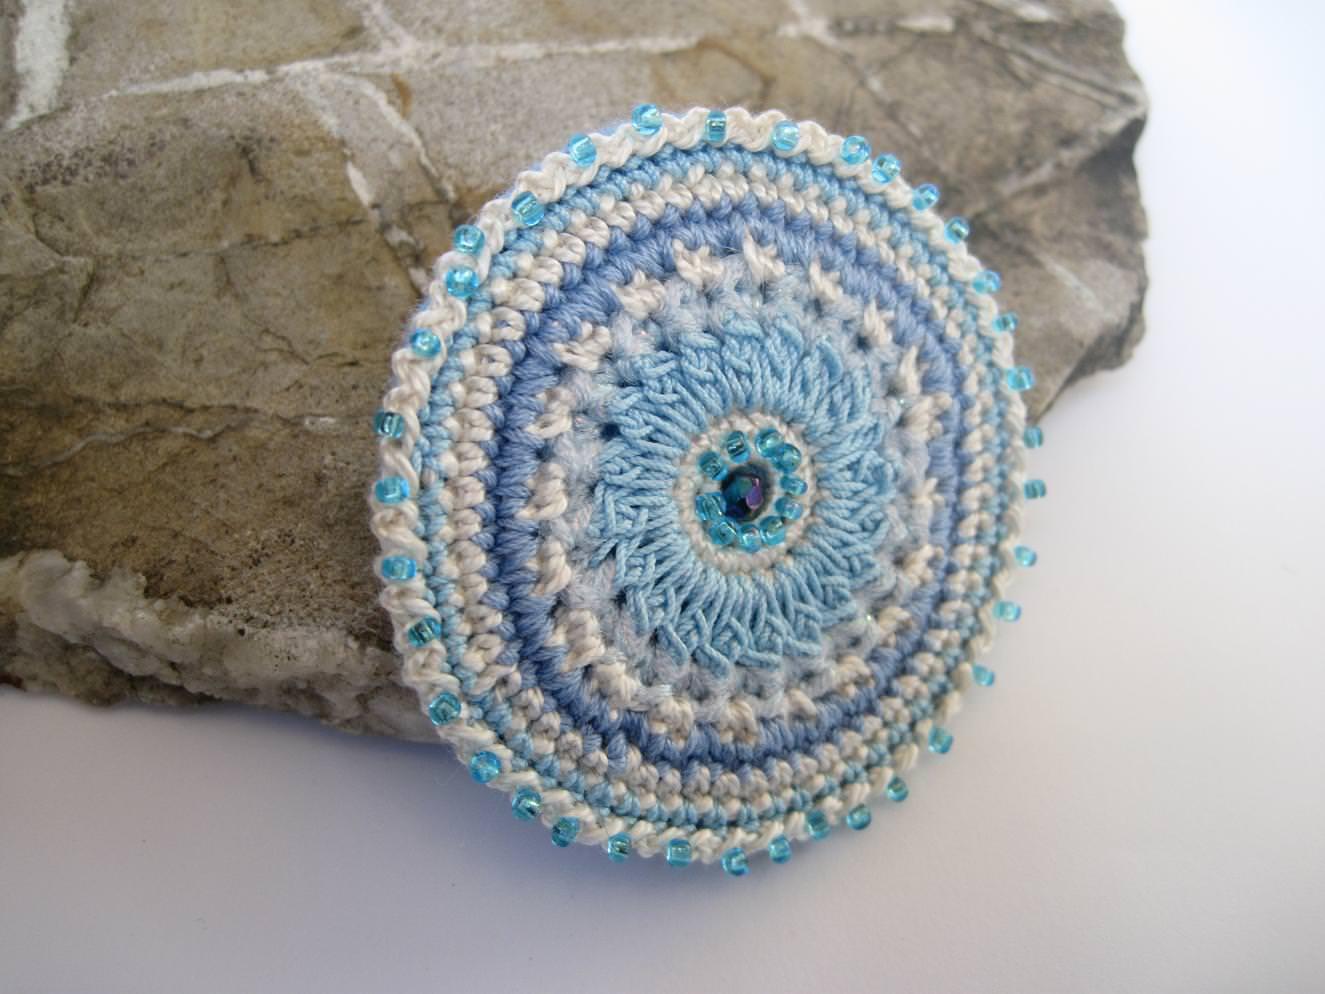 - Häkelbrosche in Perlen getaucht, Textilschmuck, Brosche - Häkelbrosche in Perlen getaucht, Textilschmuck, Brosche